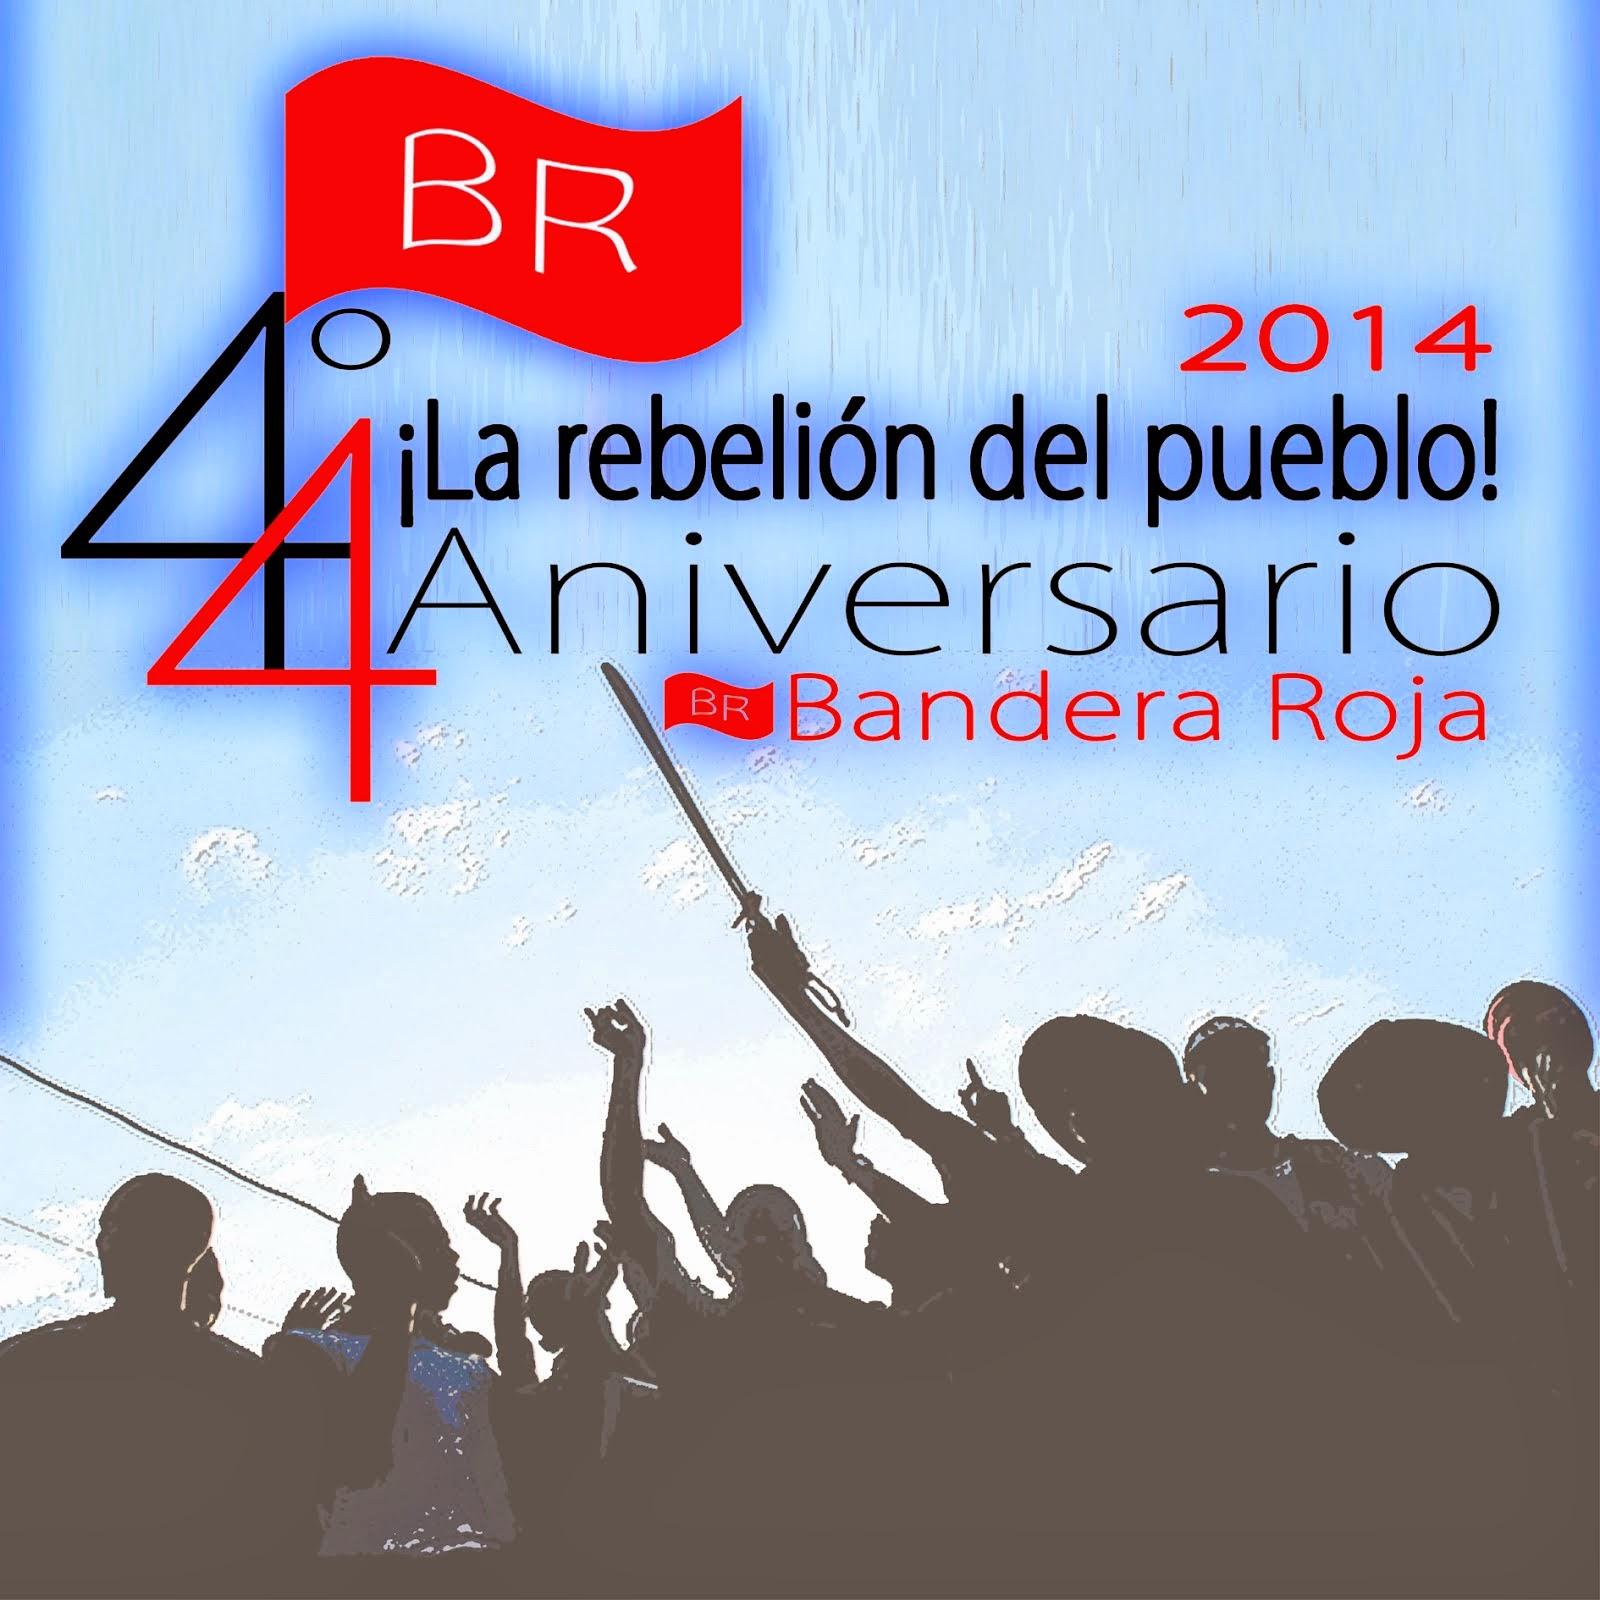 44 años intachables como revolucionarios